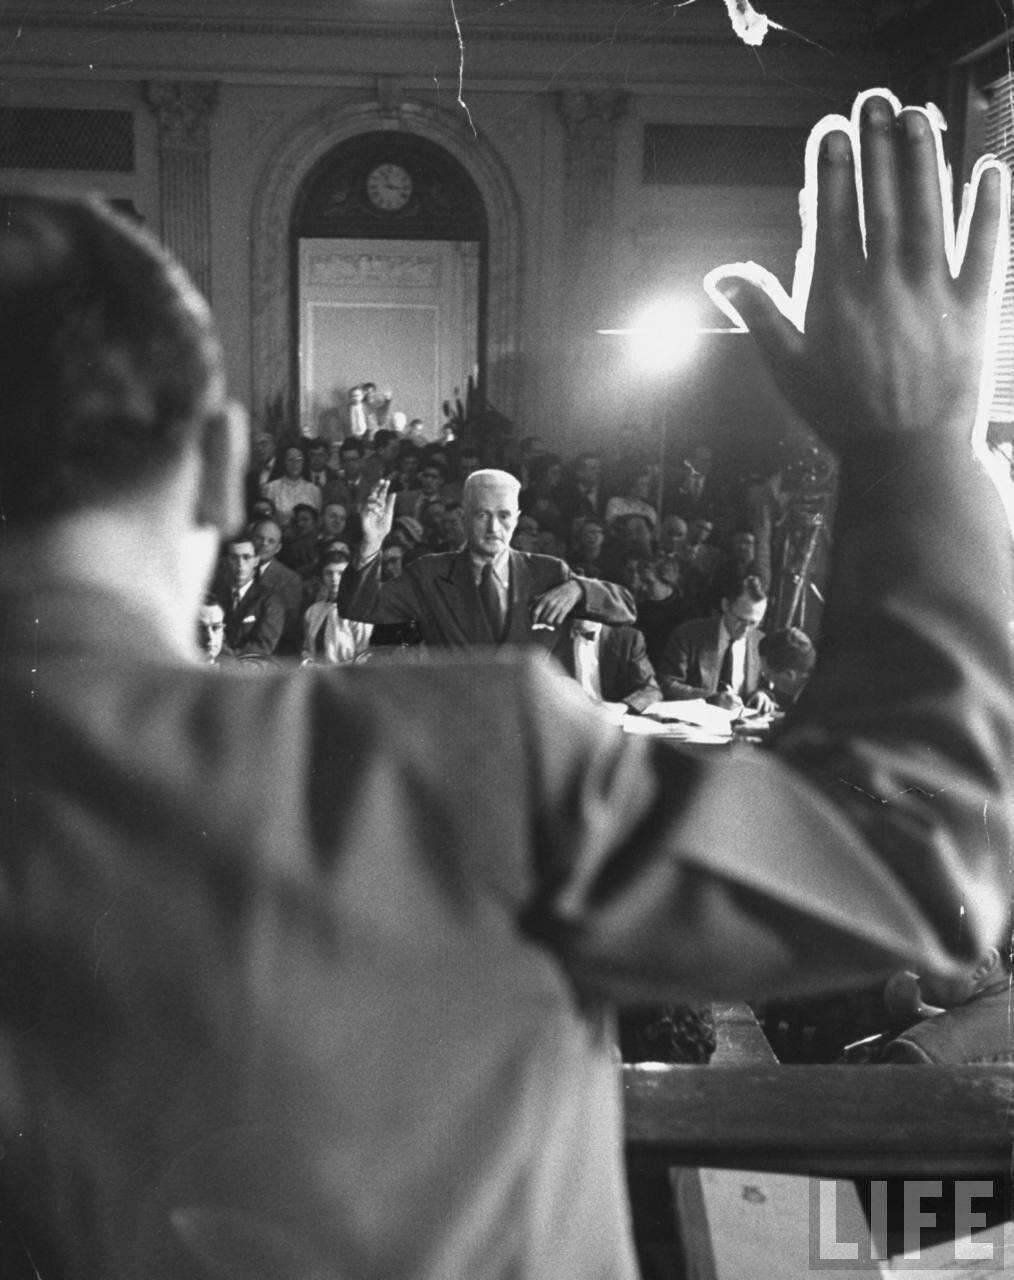 1953. Писатель Дэшил Хэммет приносит присягу на  заседании сенатского следственного комитета